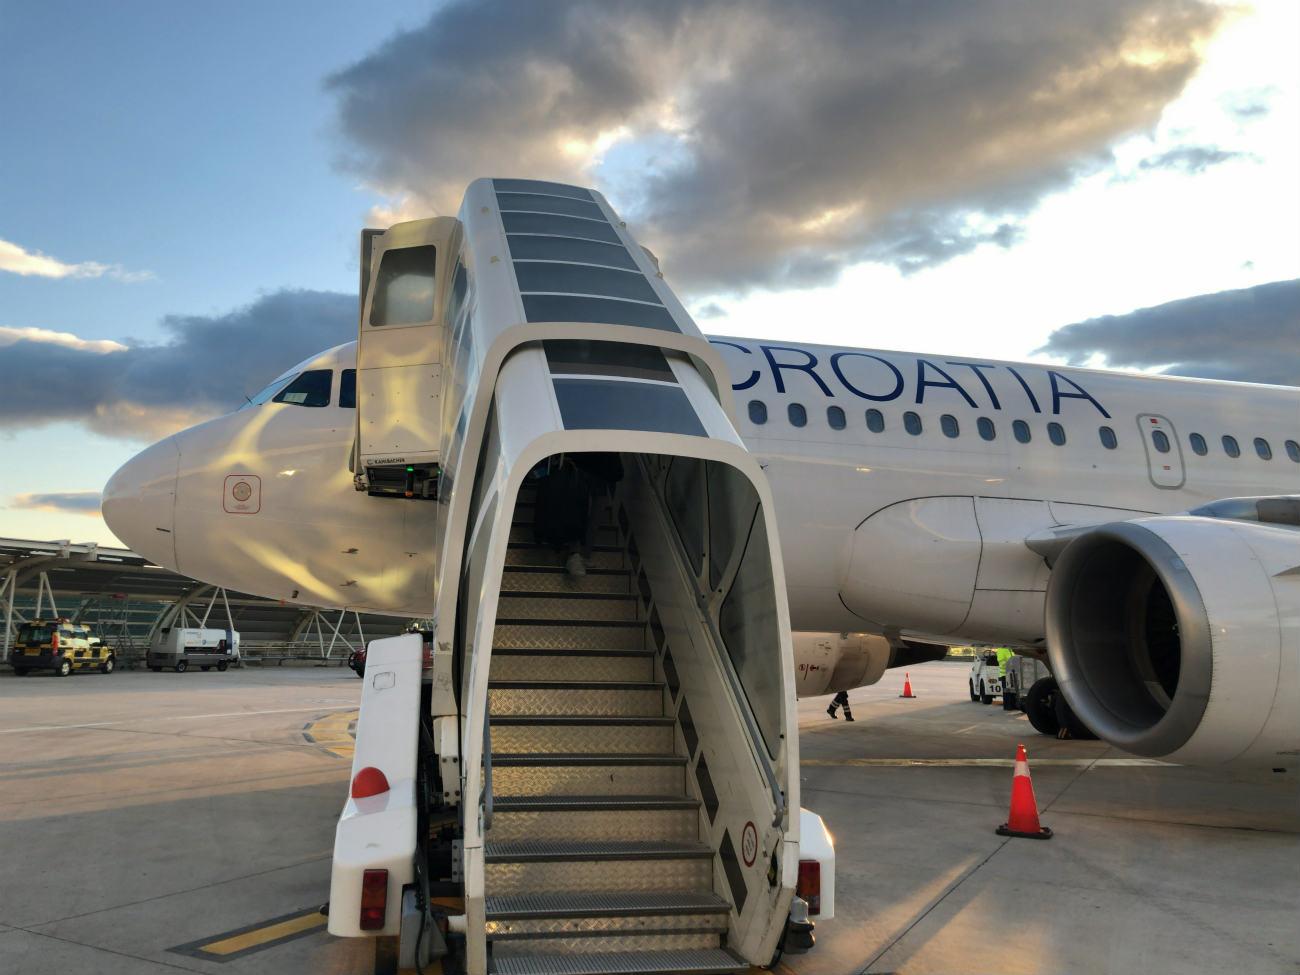 クロアチア航空の飛行機